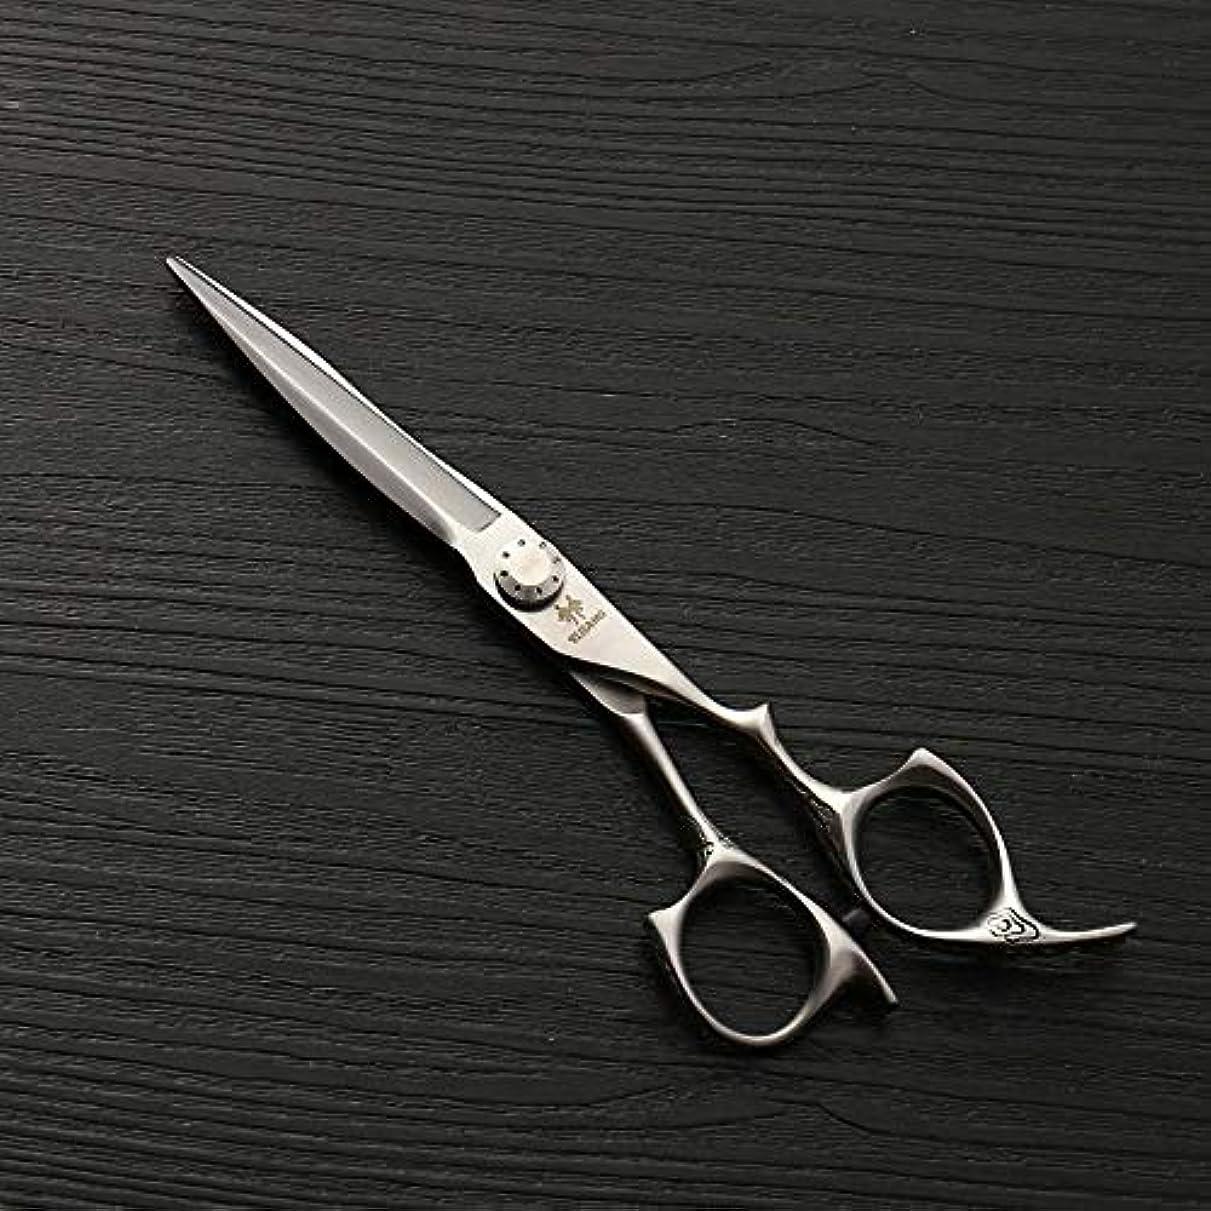 ゆり神経衰弱セッティングGoodsok-jp 6インチのステンレス鋼の理髪はさみ、美容院の特別なヘアカットの平らなはさみセット (色 : Silver)